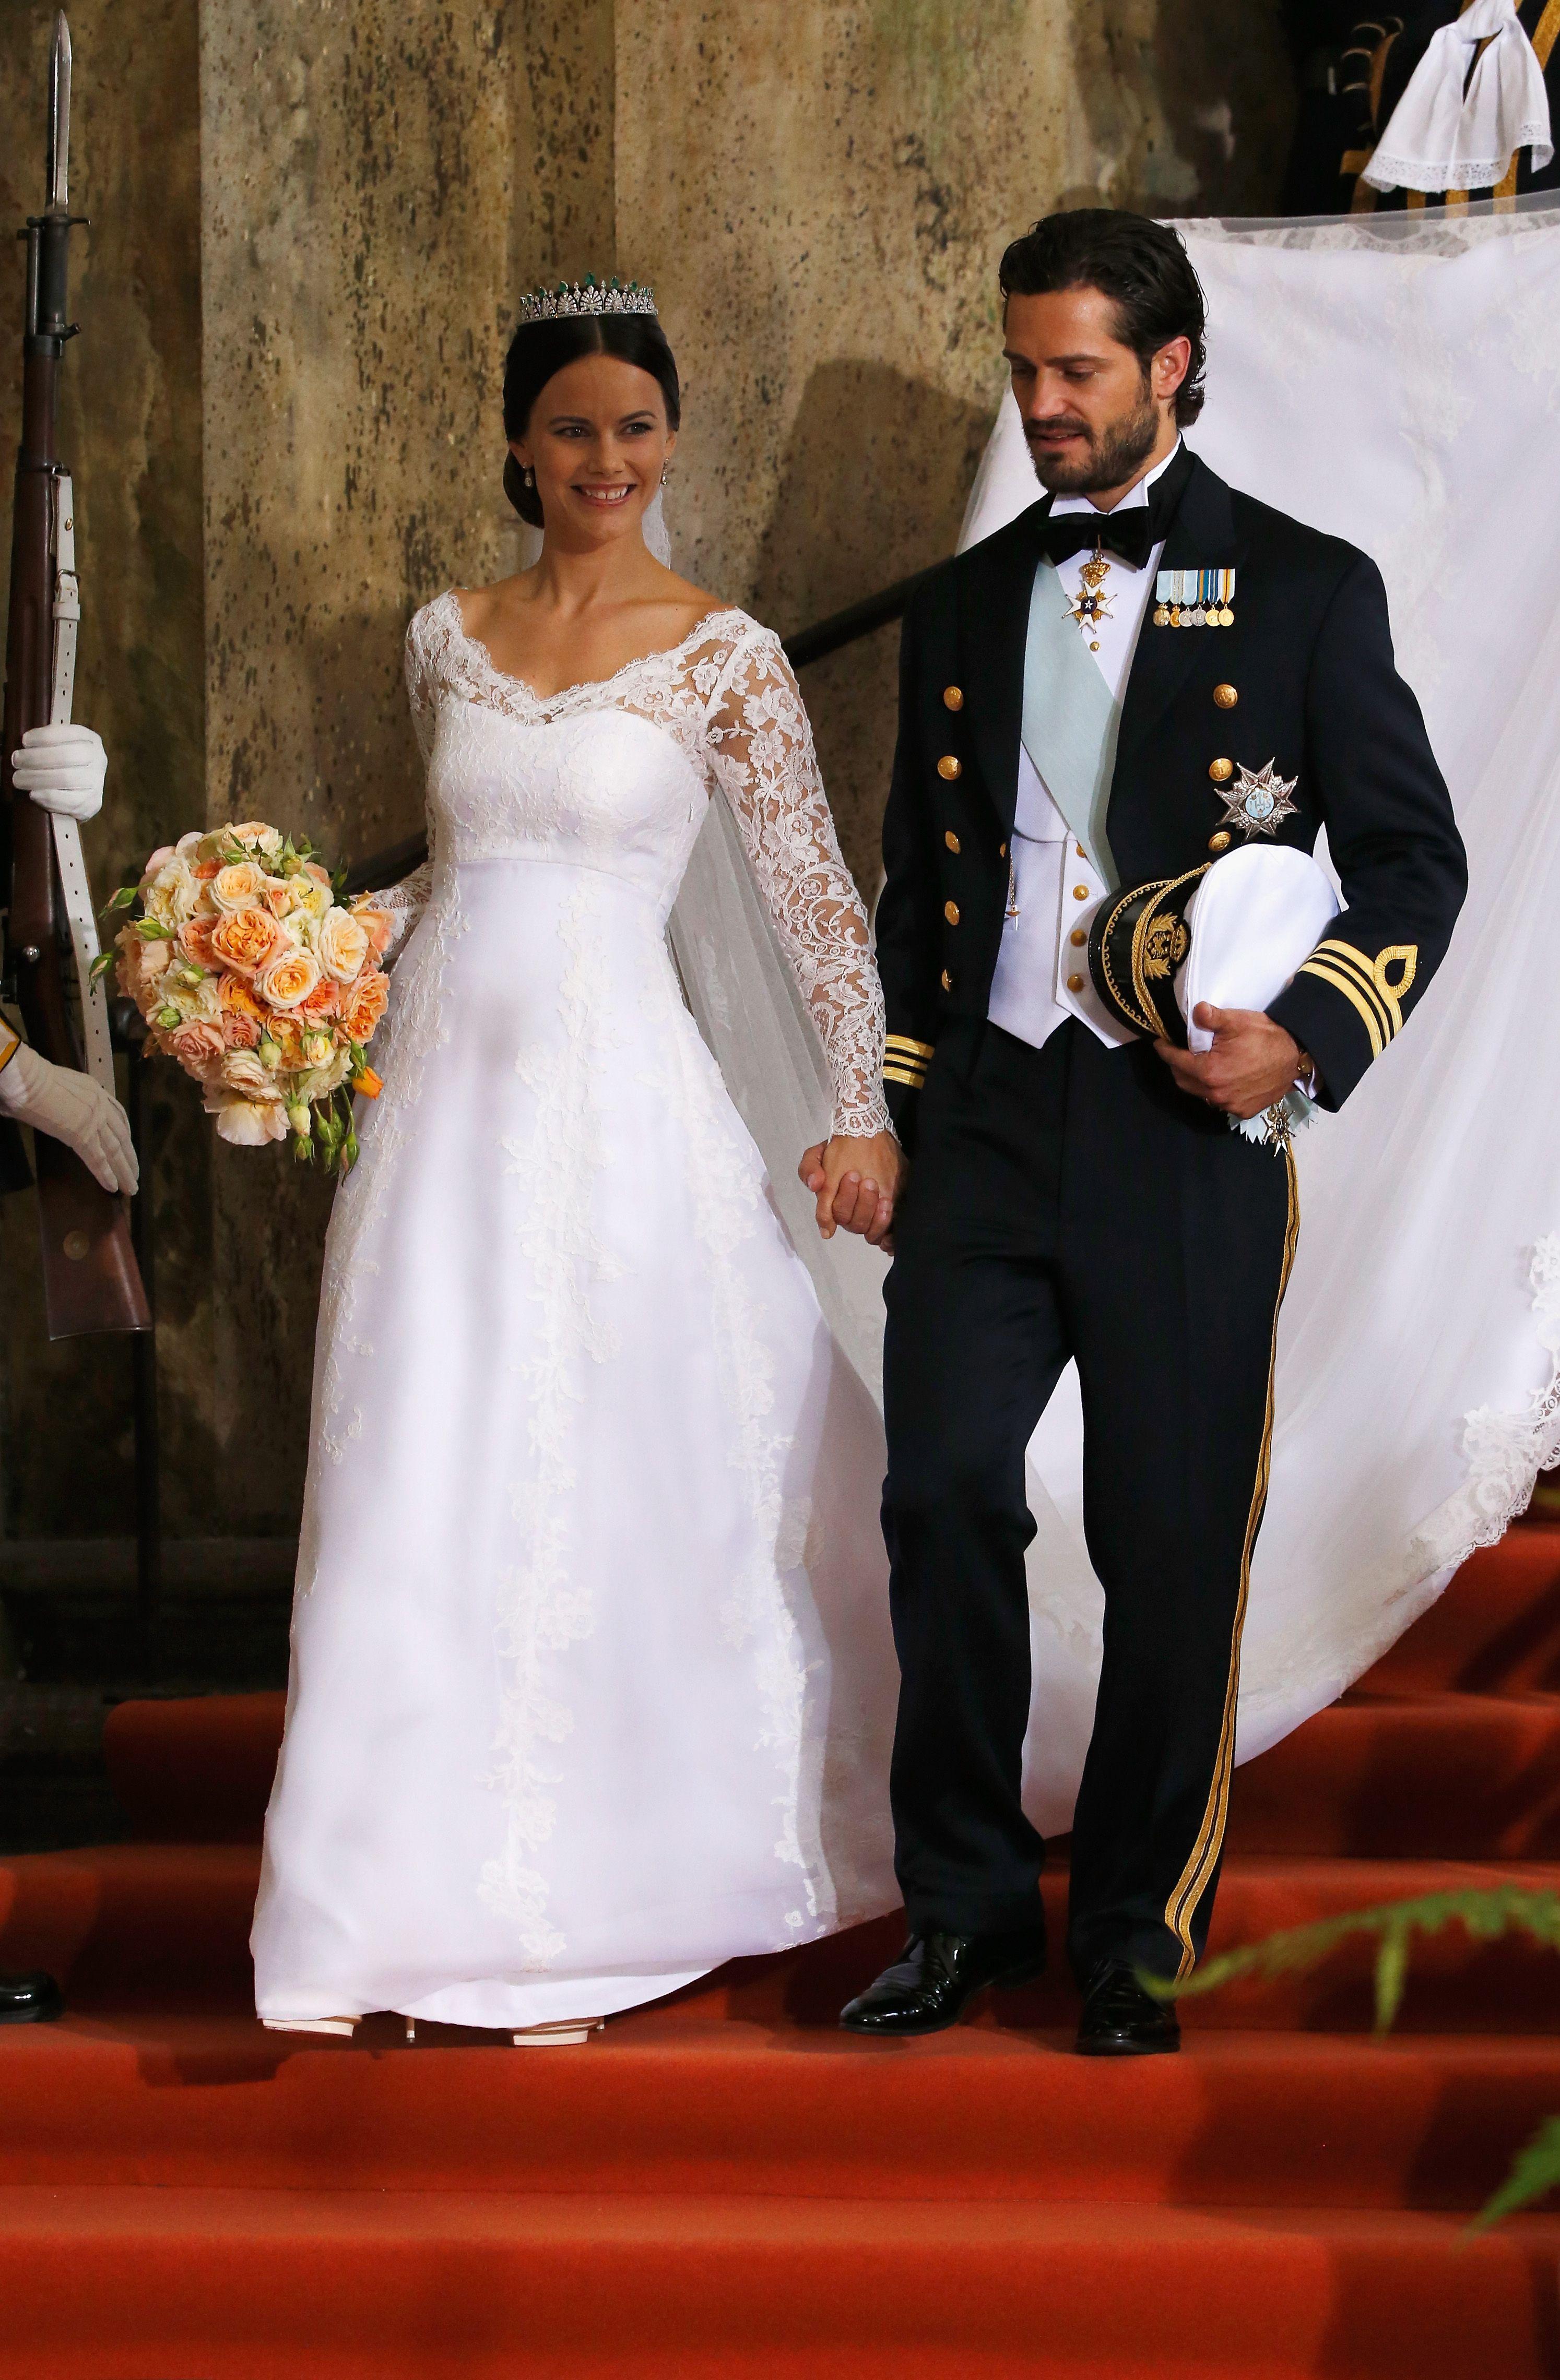 ... Сукня була пошитою із шовку та італійської органзи. Прикрашала голову  принцеси Софії діадема з діамантів і смарагдів. Корона була спеціальним  подарунком ... dff5fc3e480f6